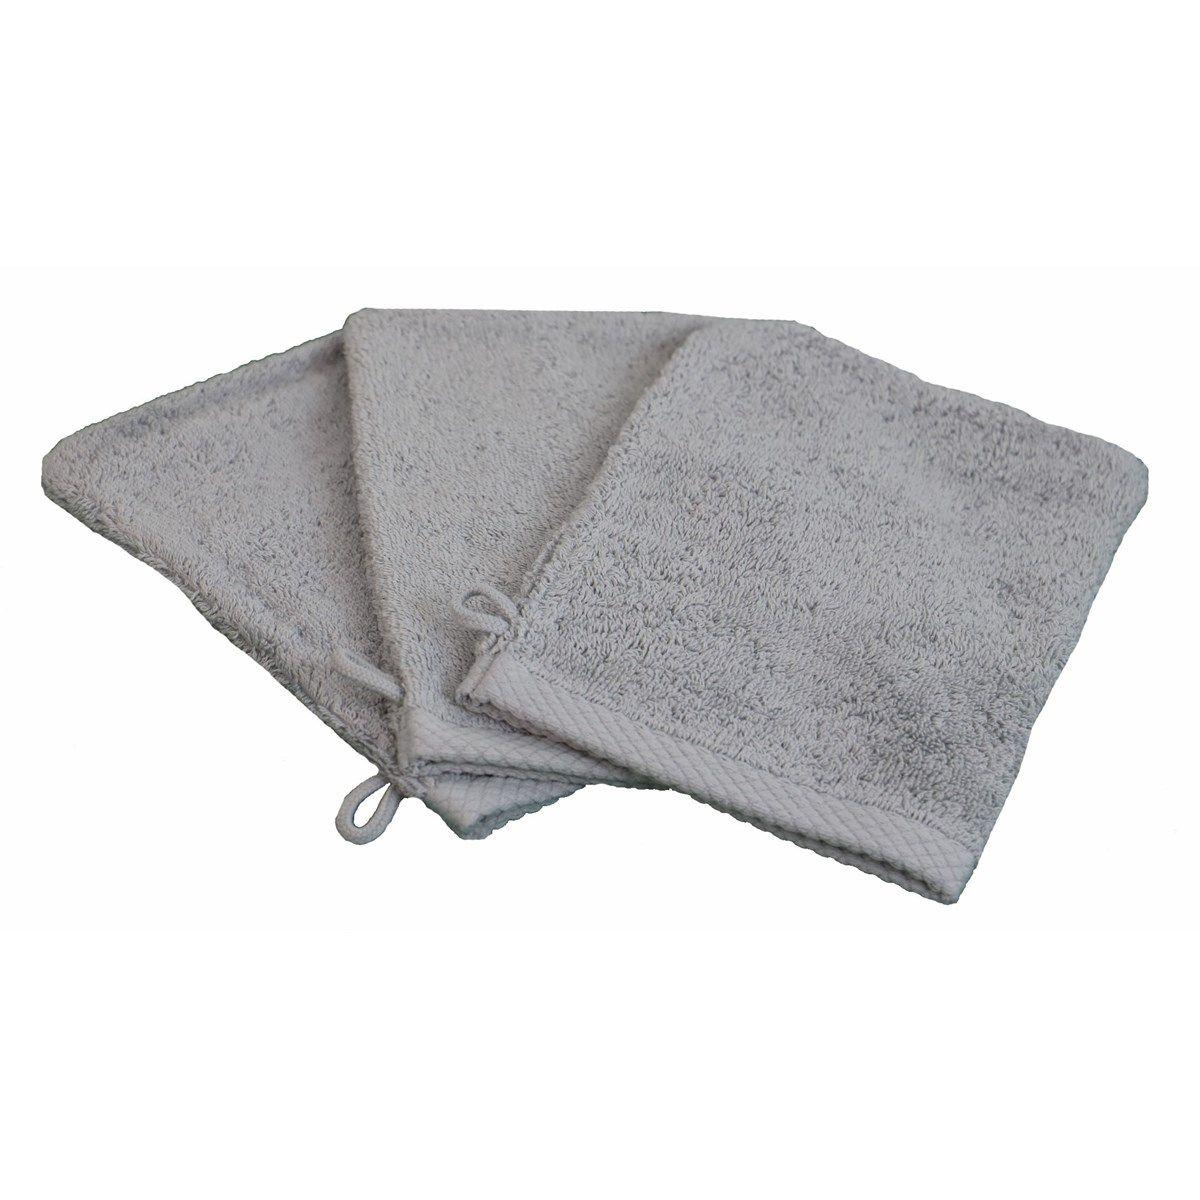 ESSENTIELLE - Lot de 3 gants de toilette éponge 600gr gris souris